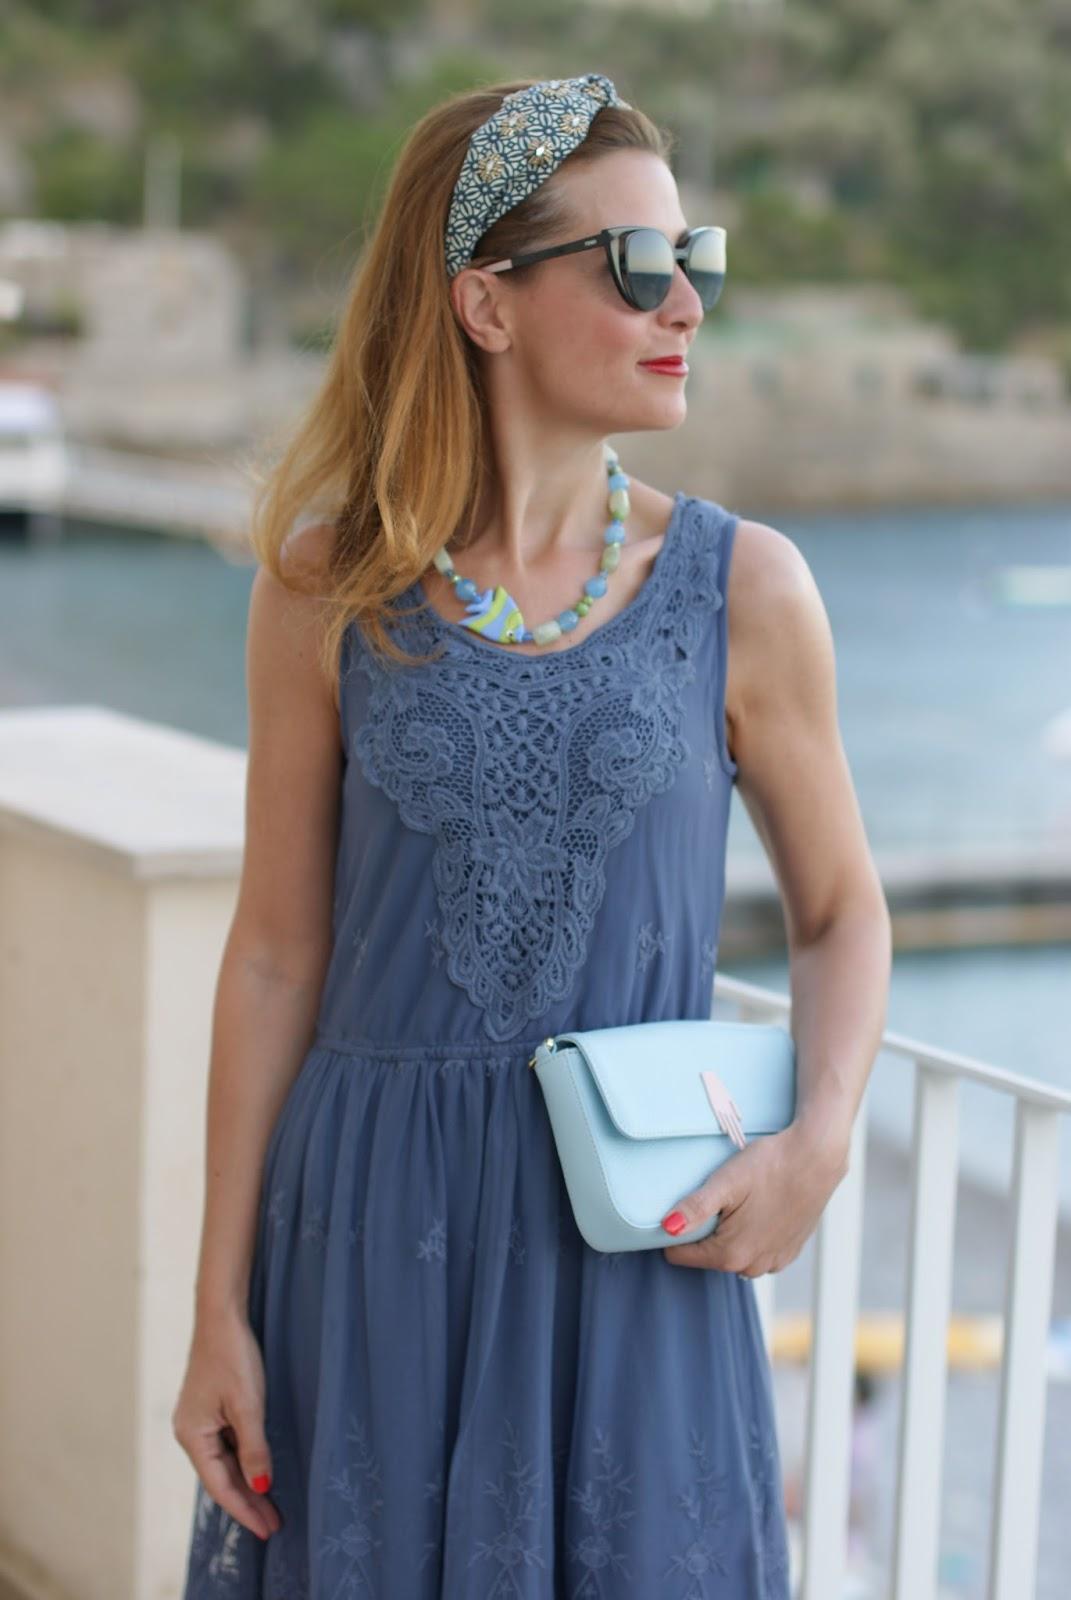 Mismash Bunaka dress and Fendi cat eye sunglasses on Fashion and Cookies fashion blog, fashion blogger style